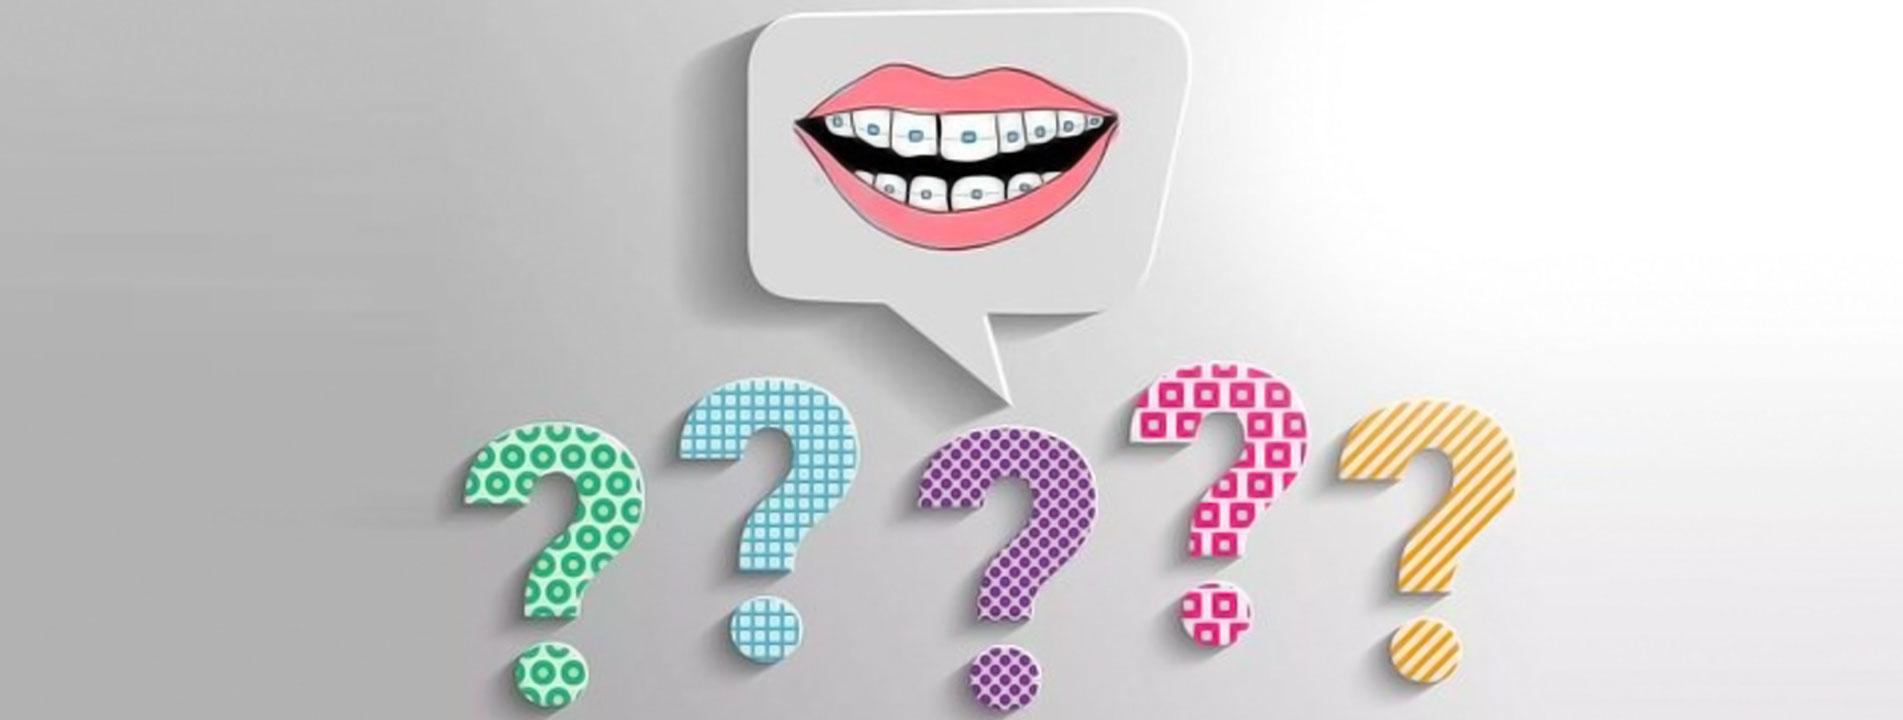 Ortodonti de Sıkça Sorulan Sorular